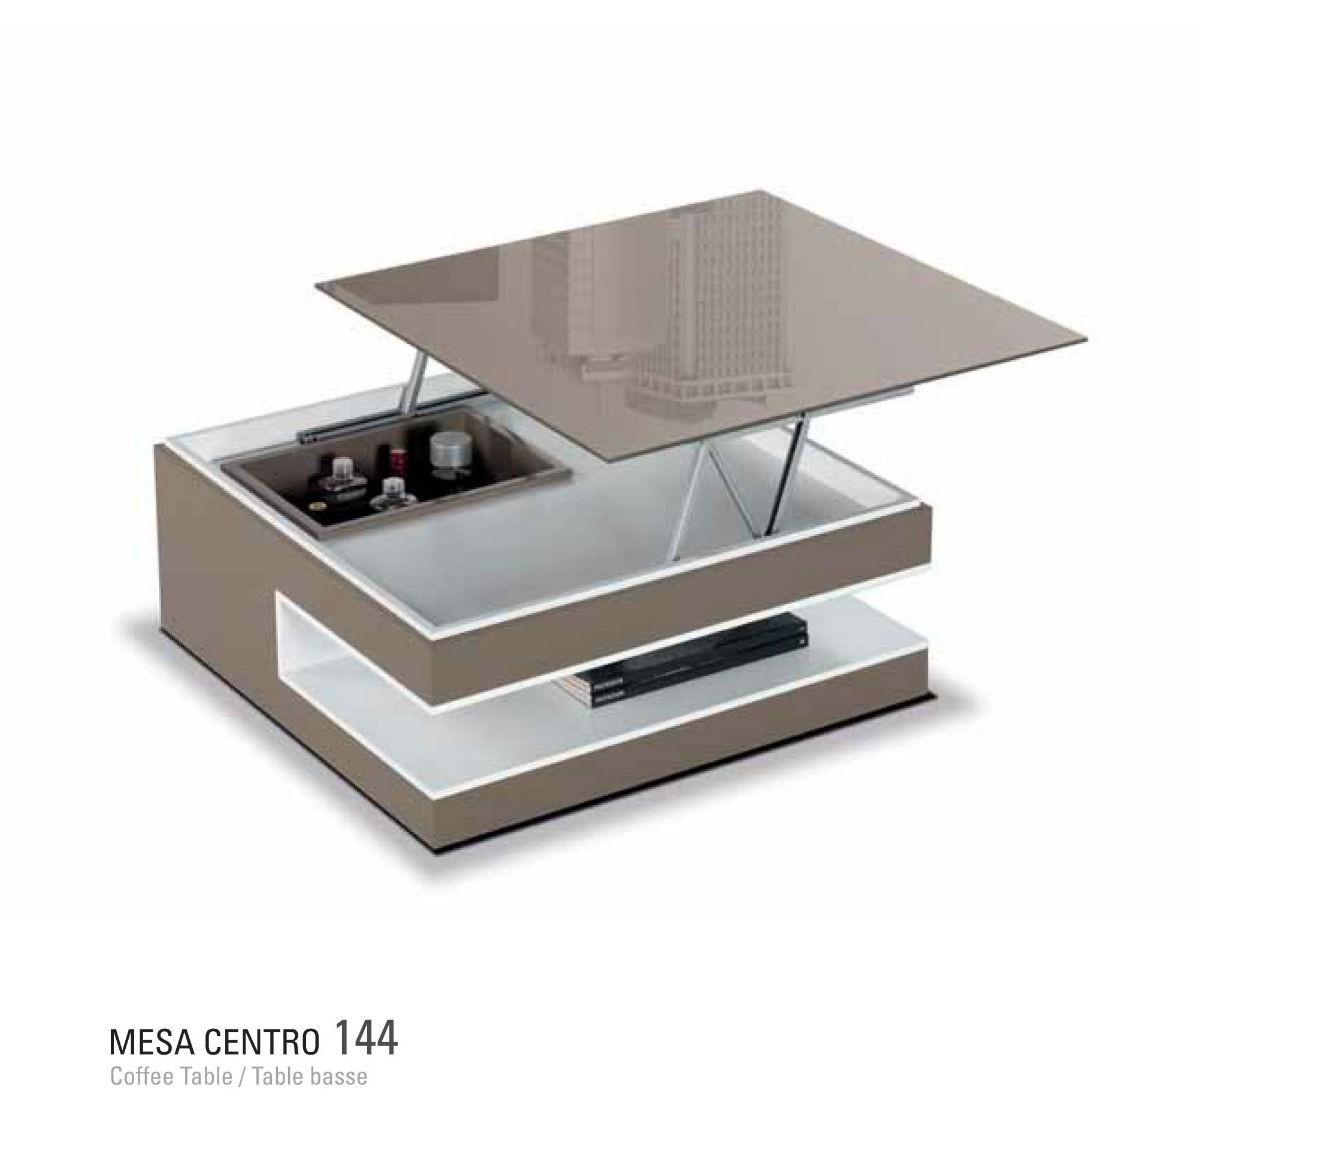 Mesa centro moderna elevable dise o muebles valencia - Mesa centro diseno ...